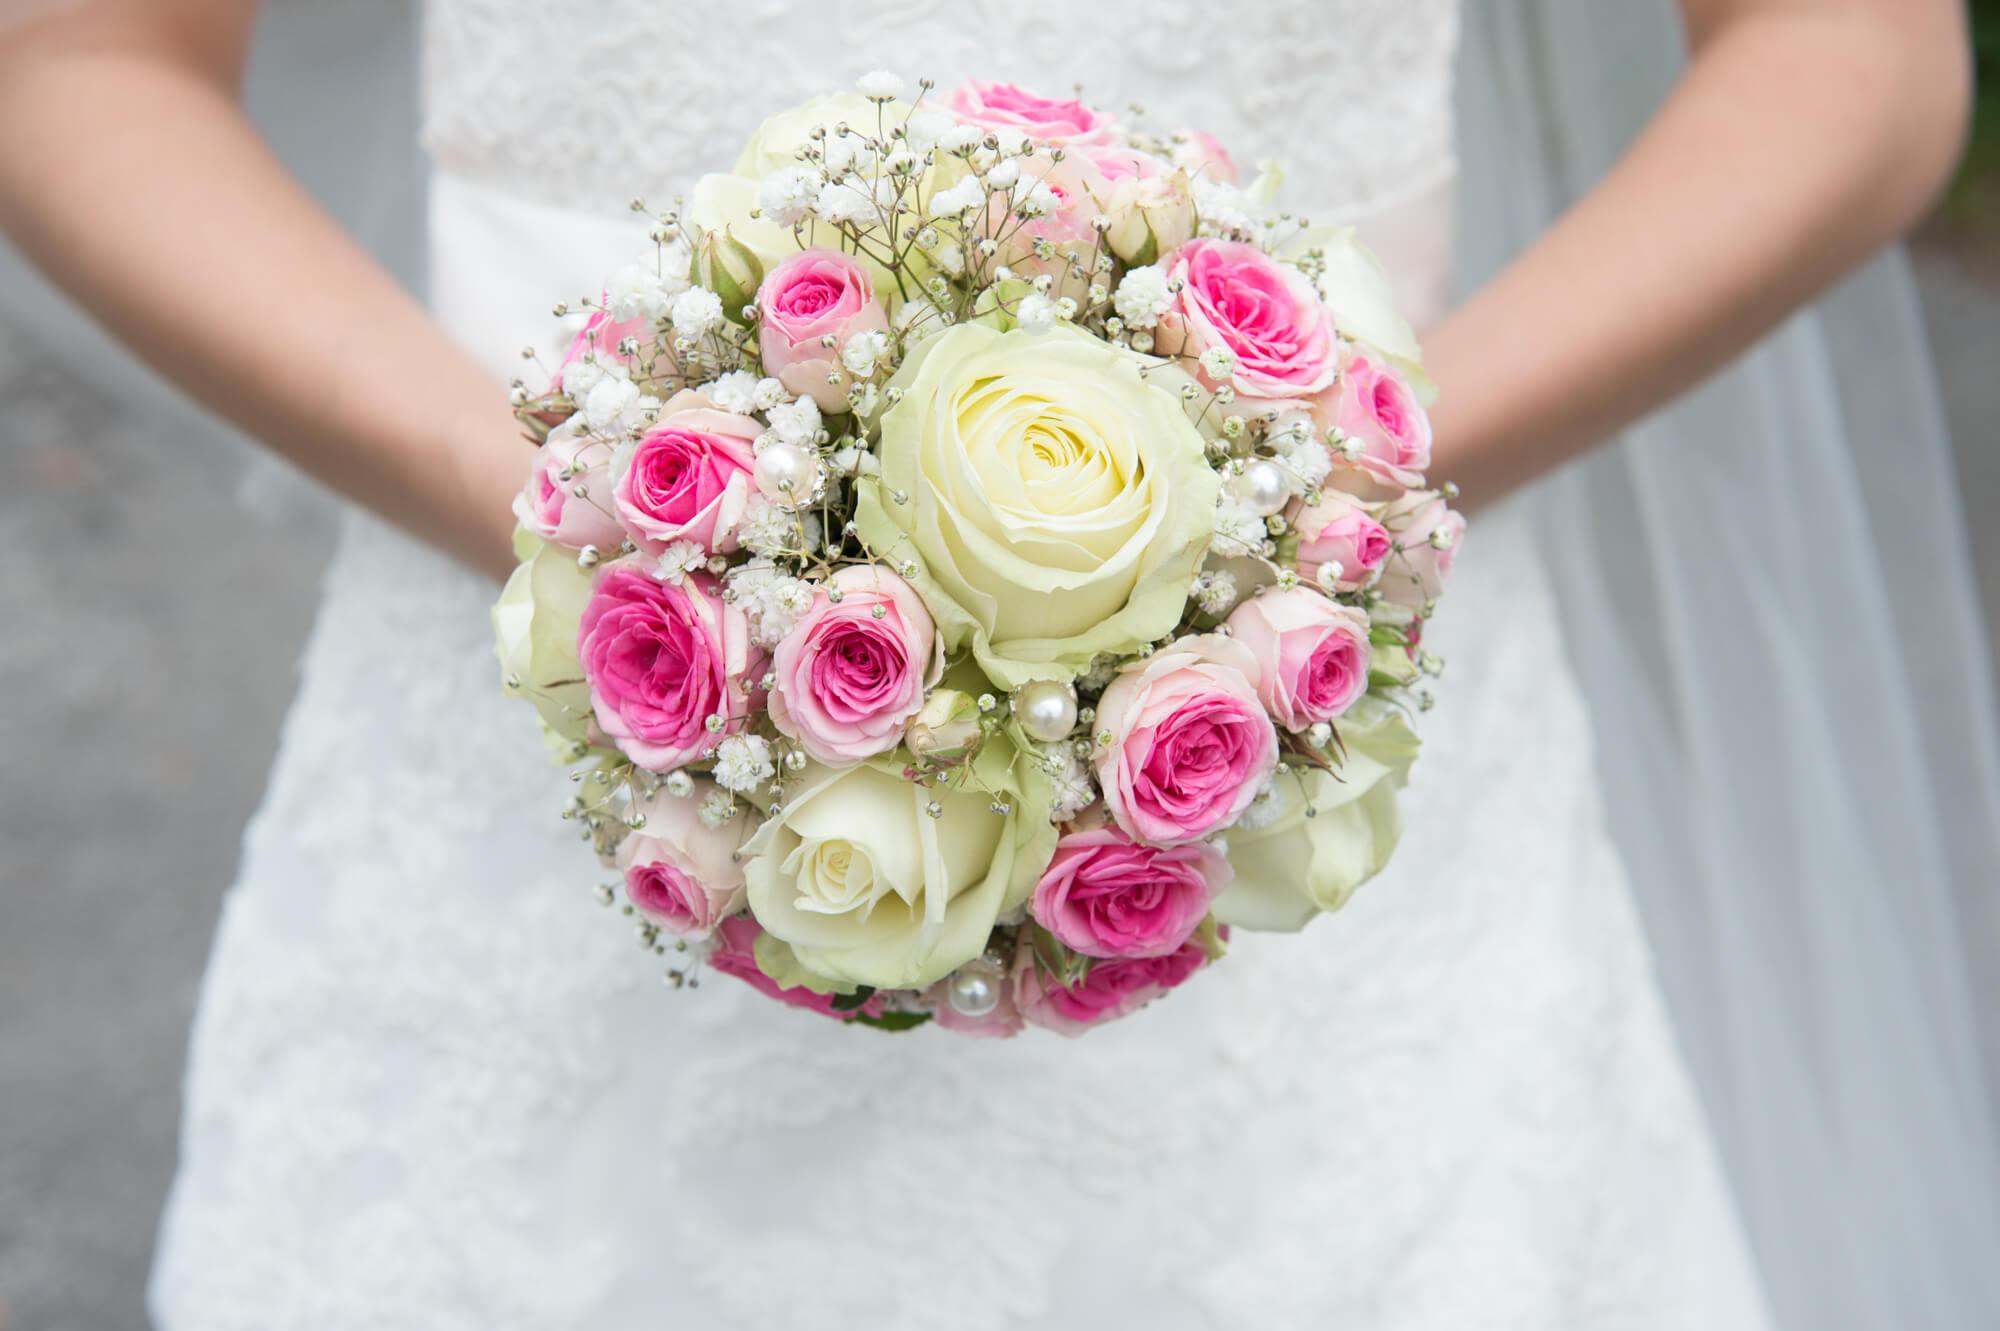 Ihr Hochzeitstag ist der schönste Tag Ihres Lebens